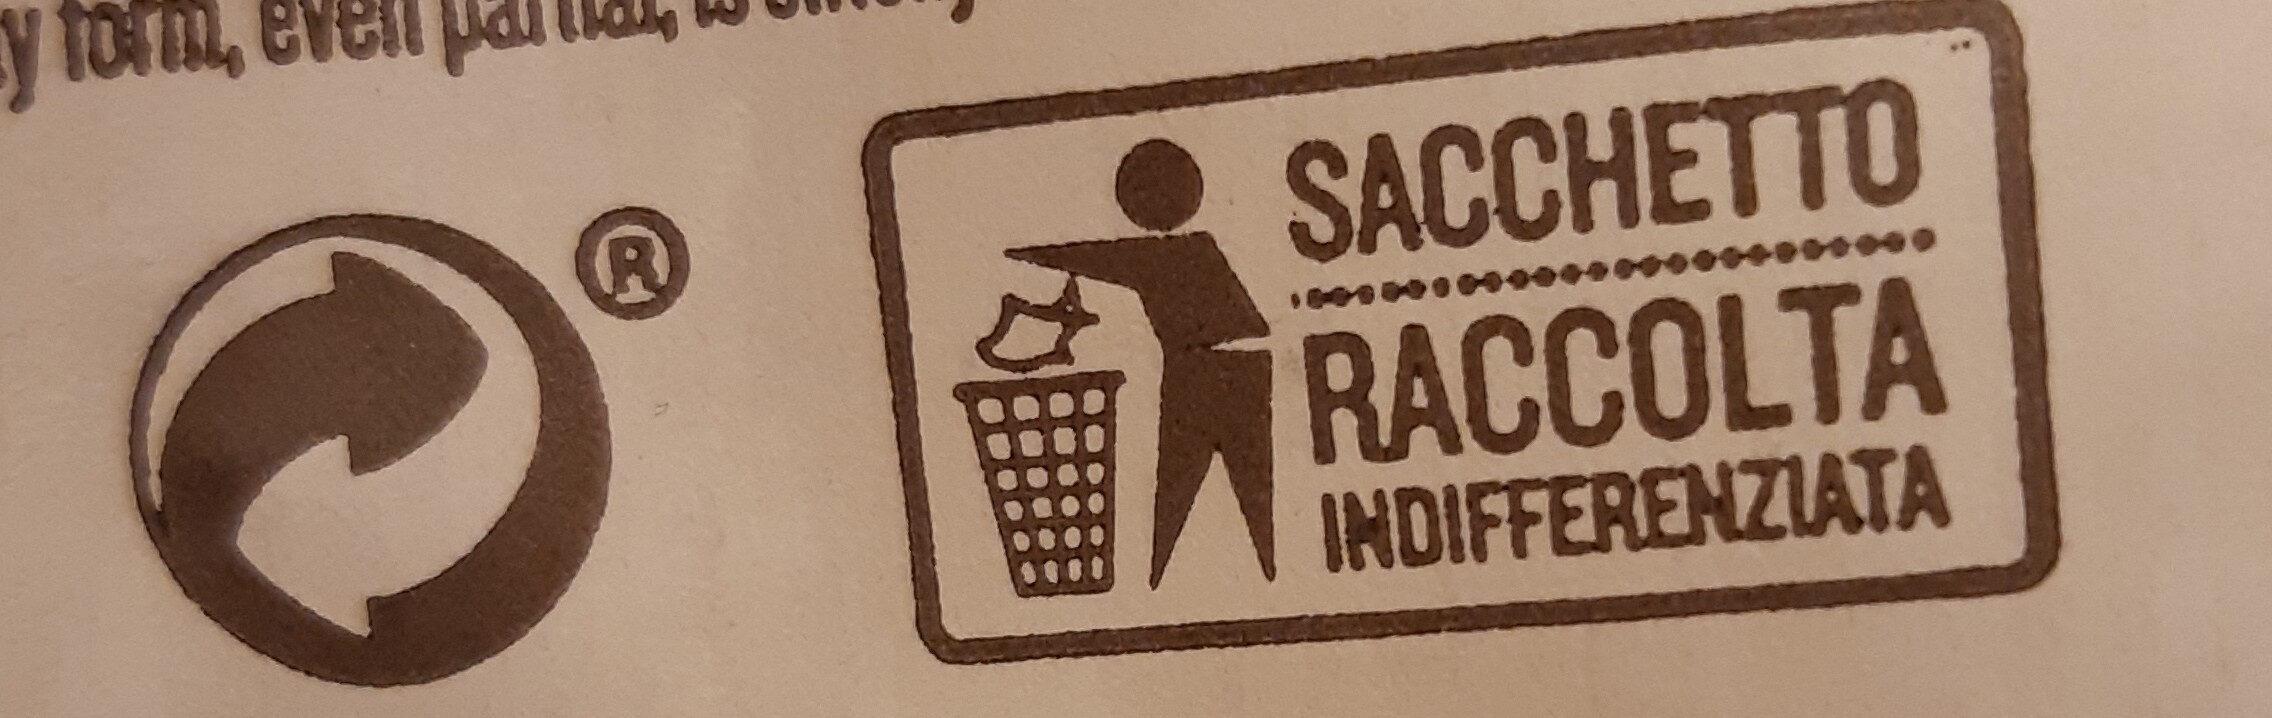 RUMMO PENNE RIGATE No 66 - Istruzioni per il riciclaggio e/o informazioni sull'imballaggio - it